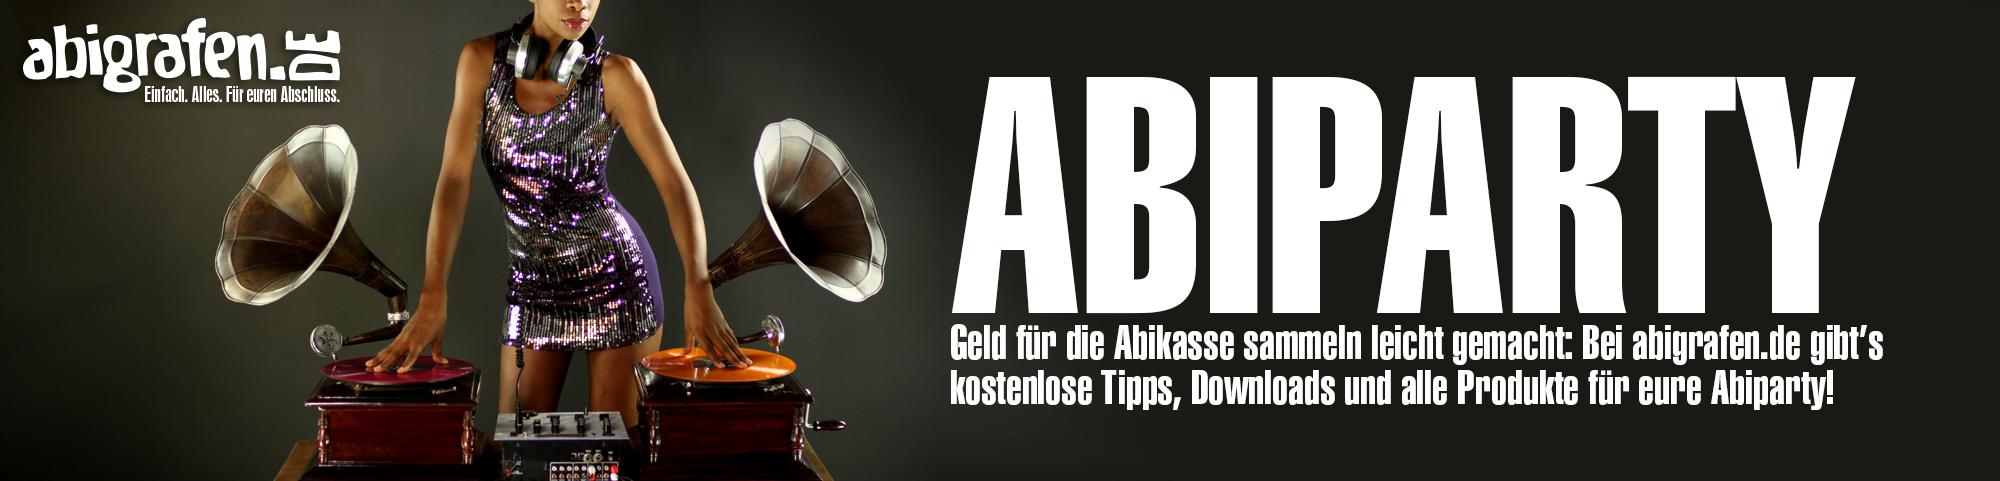 Abifete, Vofifete, Vorfinanzierungsparty, Abiparty erfolgreich organisieren & durchführen (gratis Downloads)